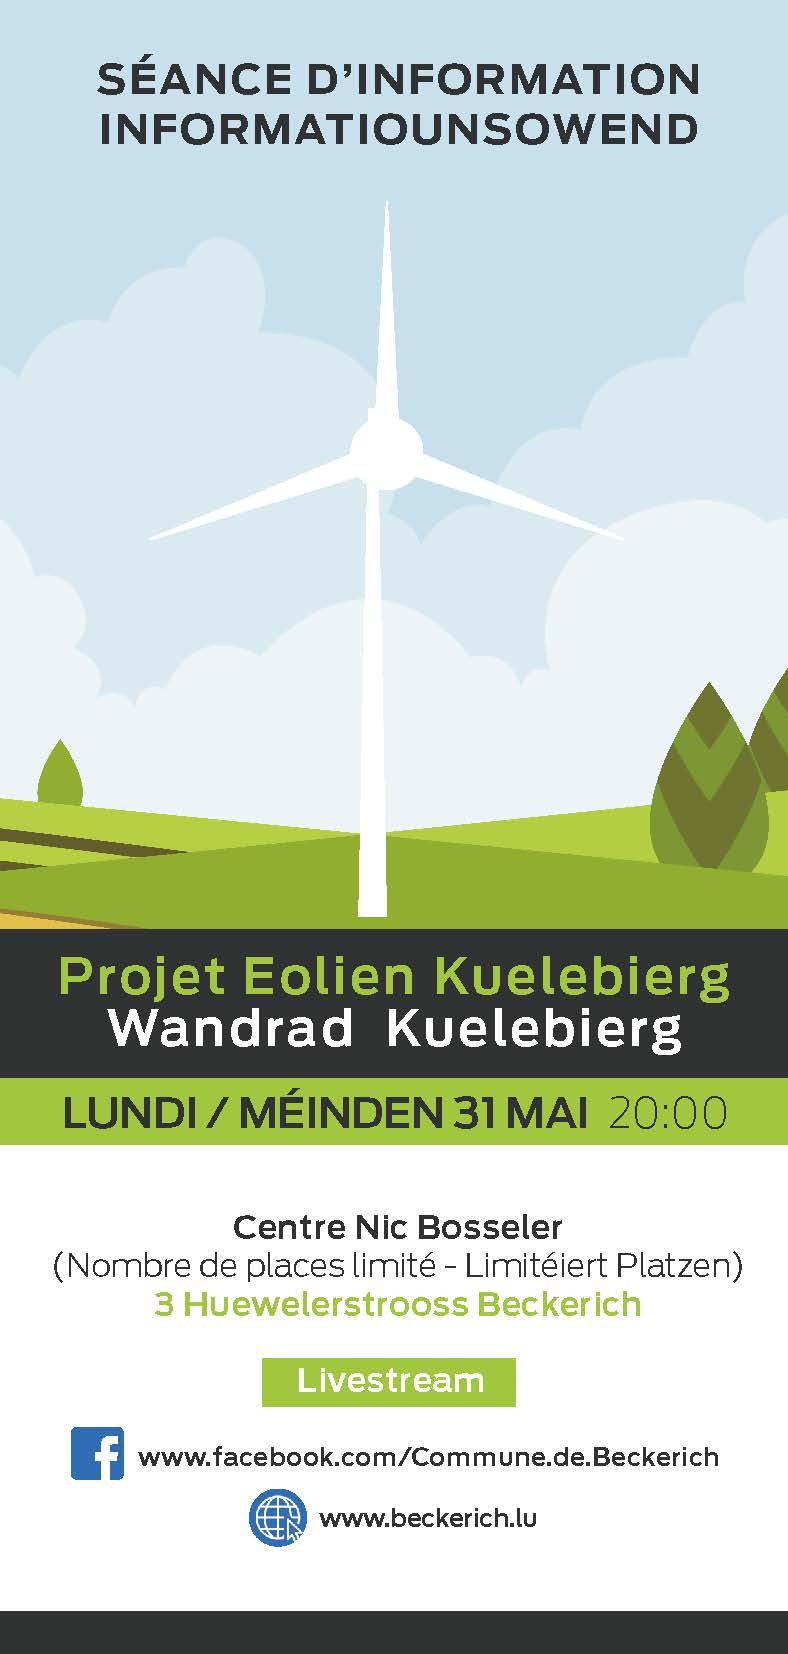 sénce d'information projet éolien affiche